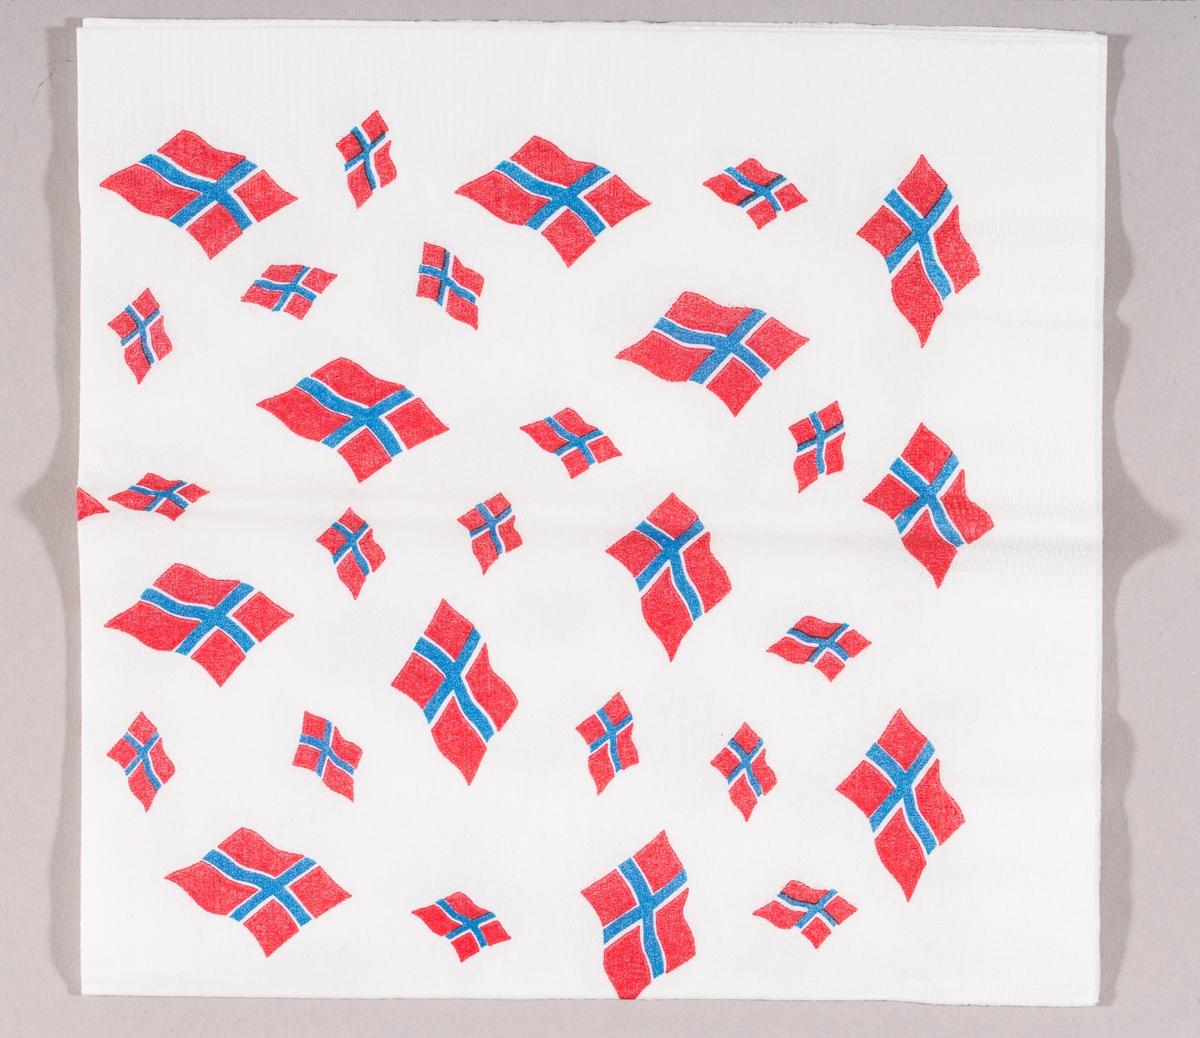 Mange norske flagg i ulike størrelser.